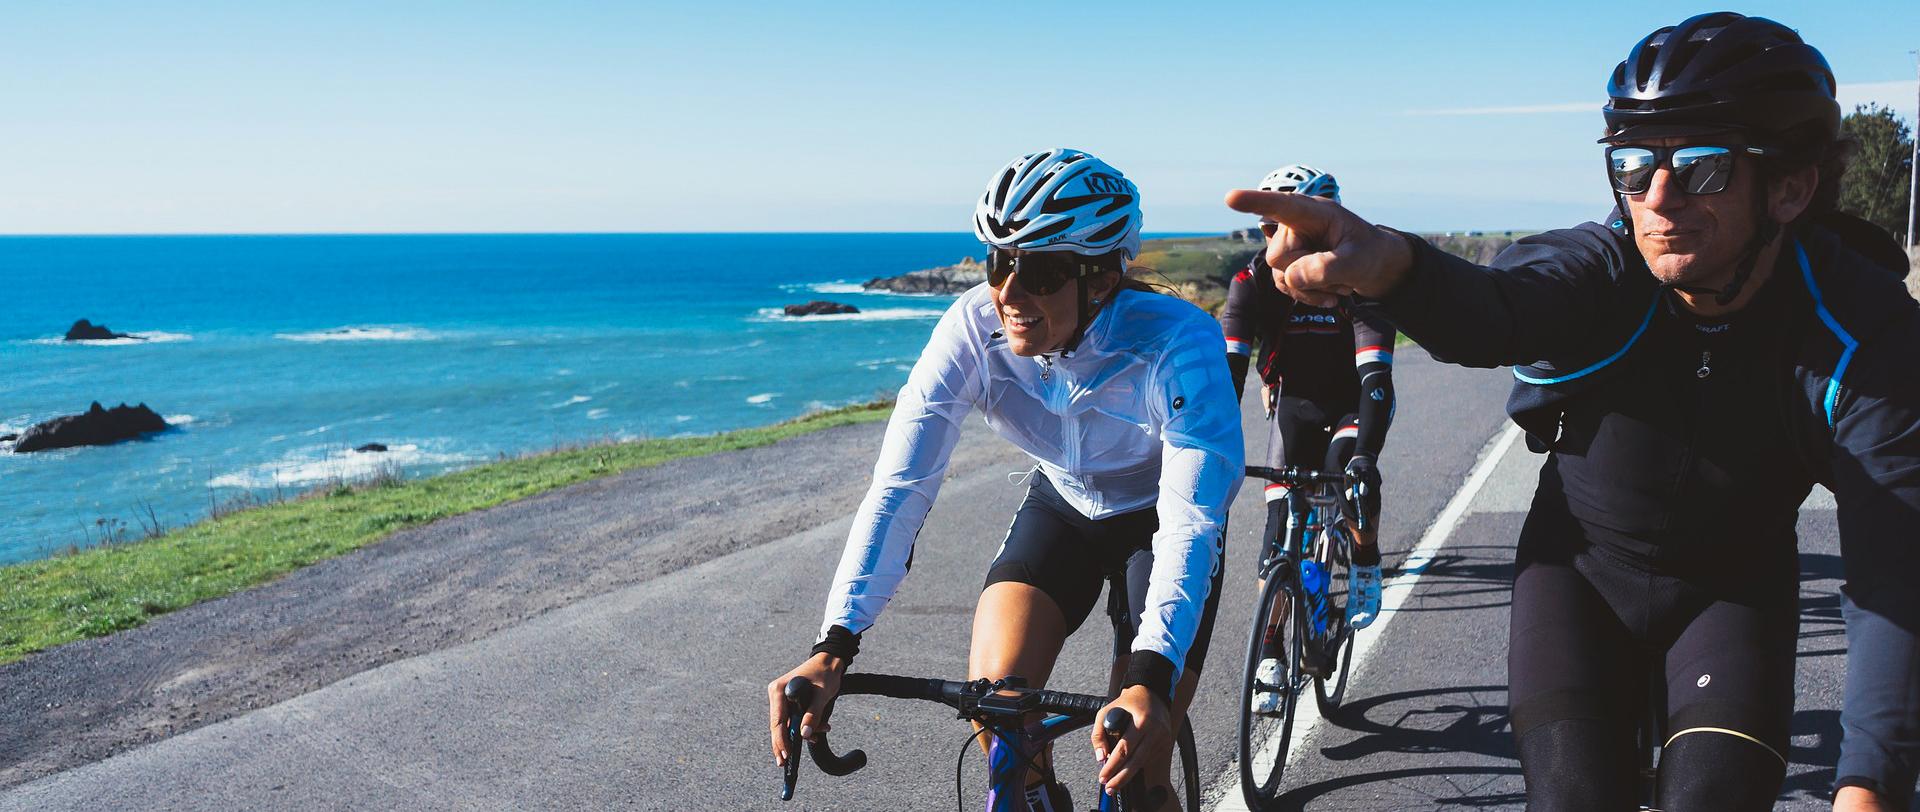 Forfaits cyclistes - Auberge Cap Martin, La Pocatière